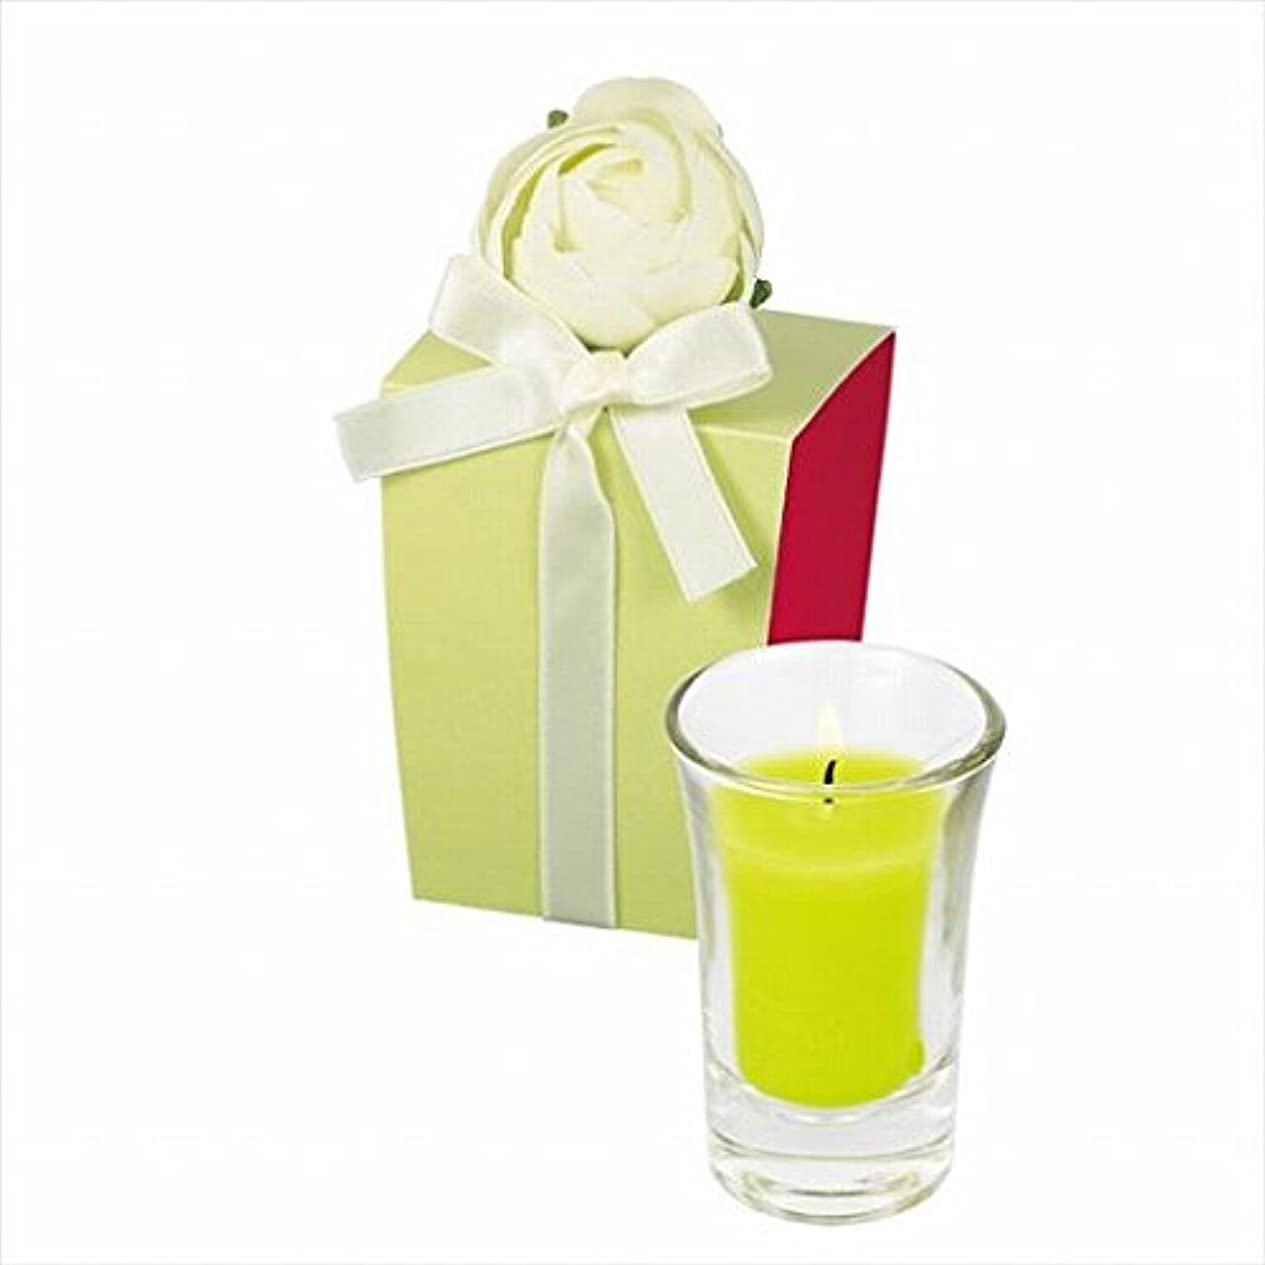 剪断印刷する新しさカメヤマキャンドル(kameyama candle) ラナンキュラスグラスキャンドル 「 ライトグリーン 」